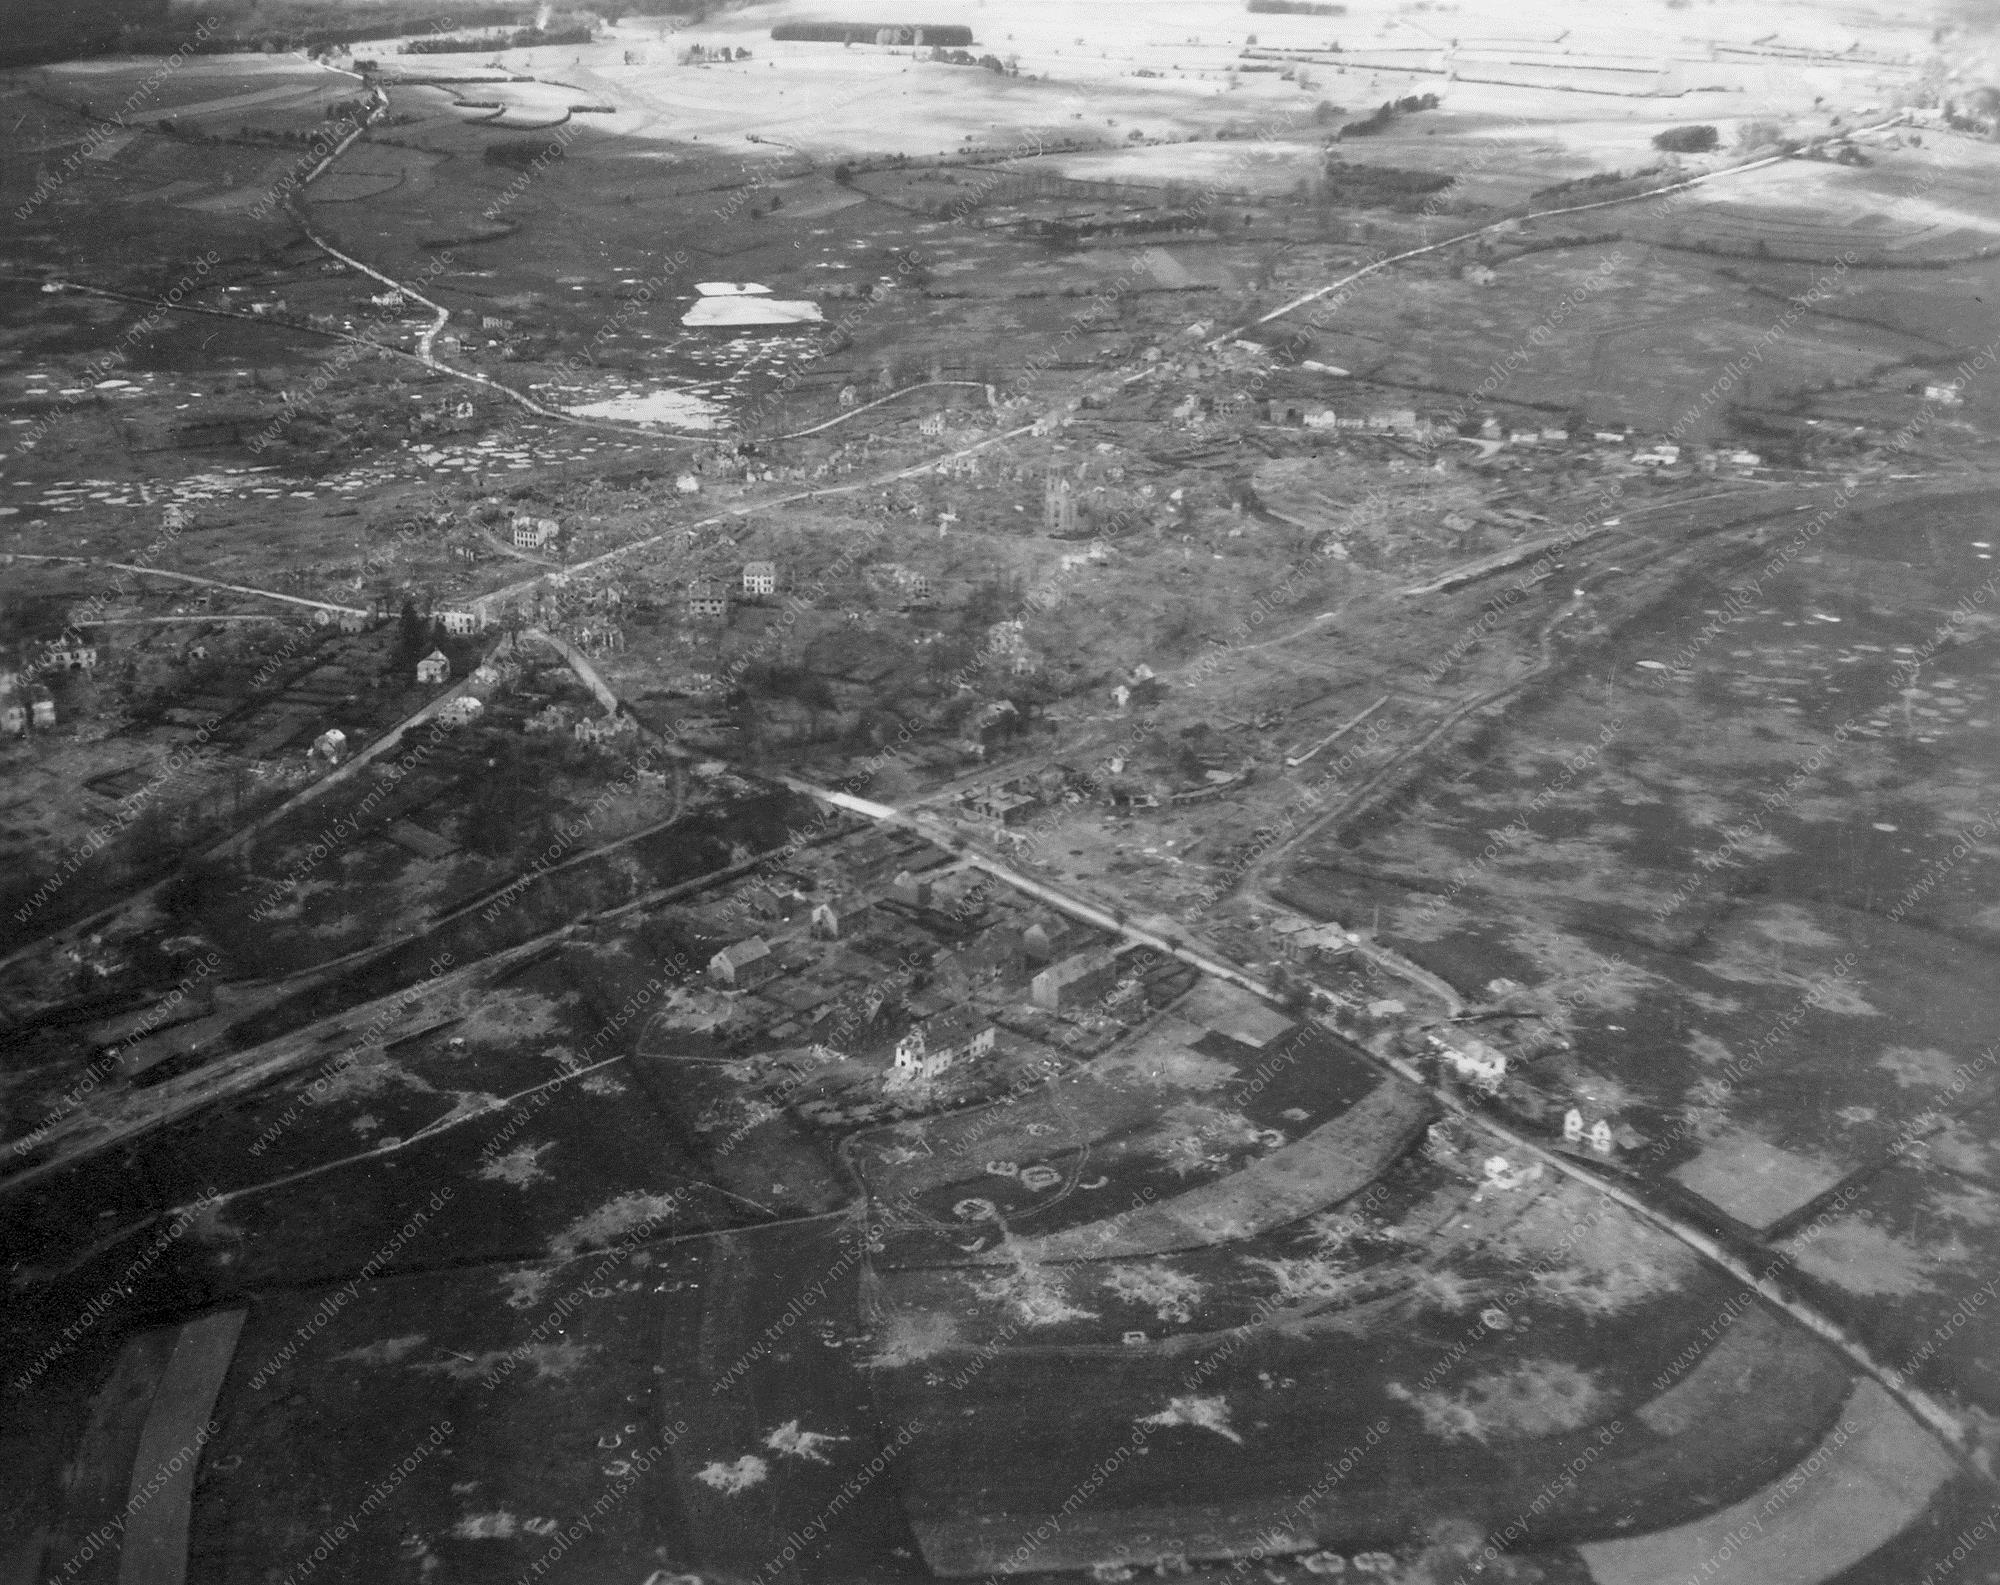 Die zerstörte Stadtgemeinde Sankt Vith oder St. Vieth nach der Ardennenoffensive - Luftbild aus dem Mai 1945 im Weltkrieg (Belgien)